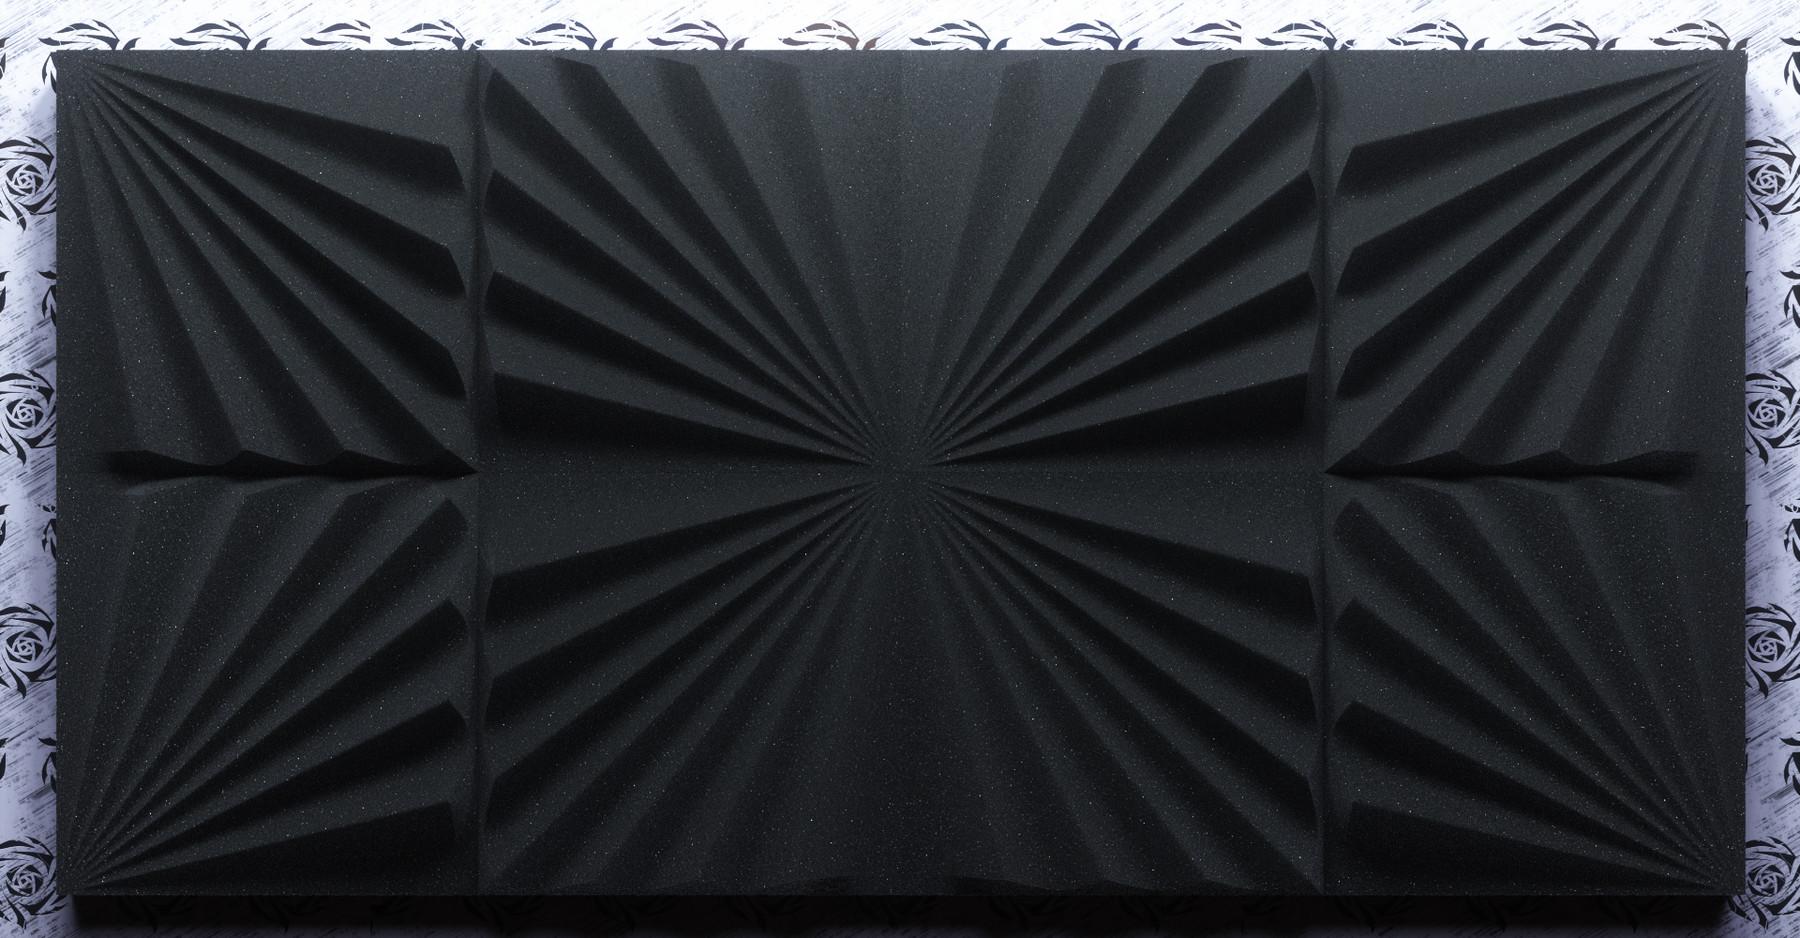 Acoustic Foam Panels 12 Sound